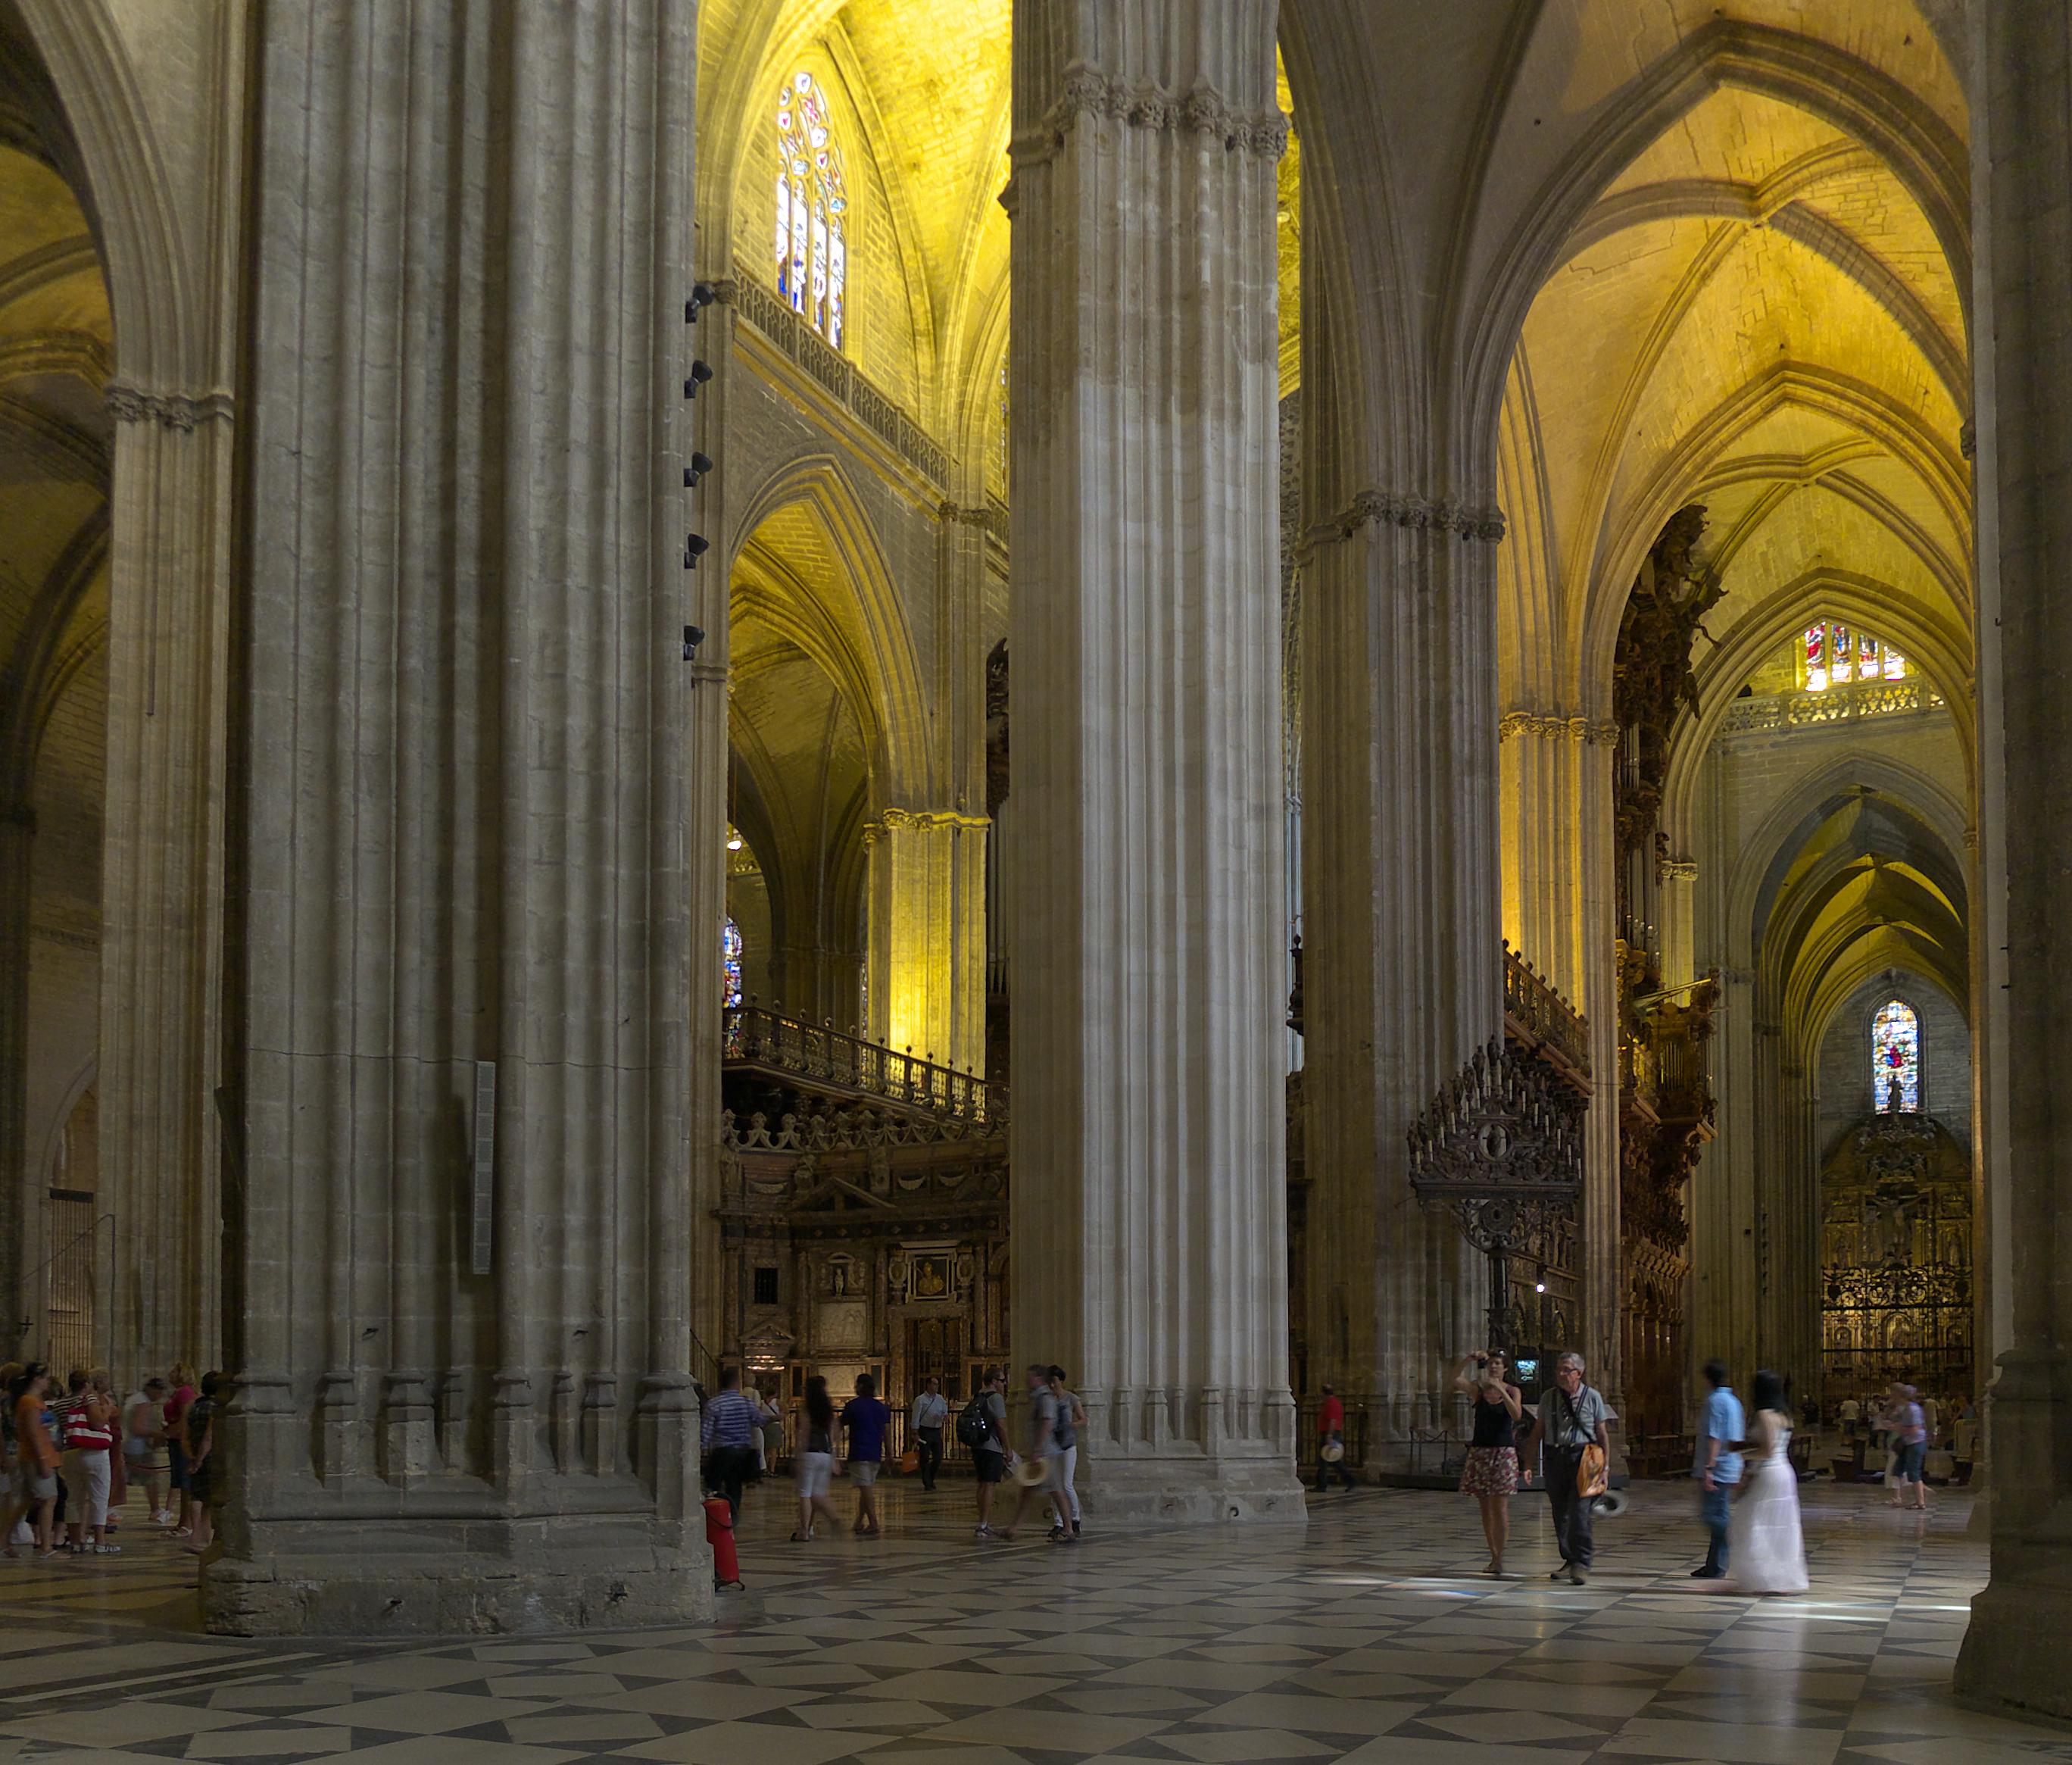 Clothing in Spain - Rick Steves Travel Forum